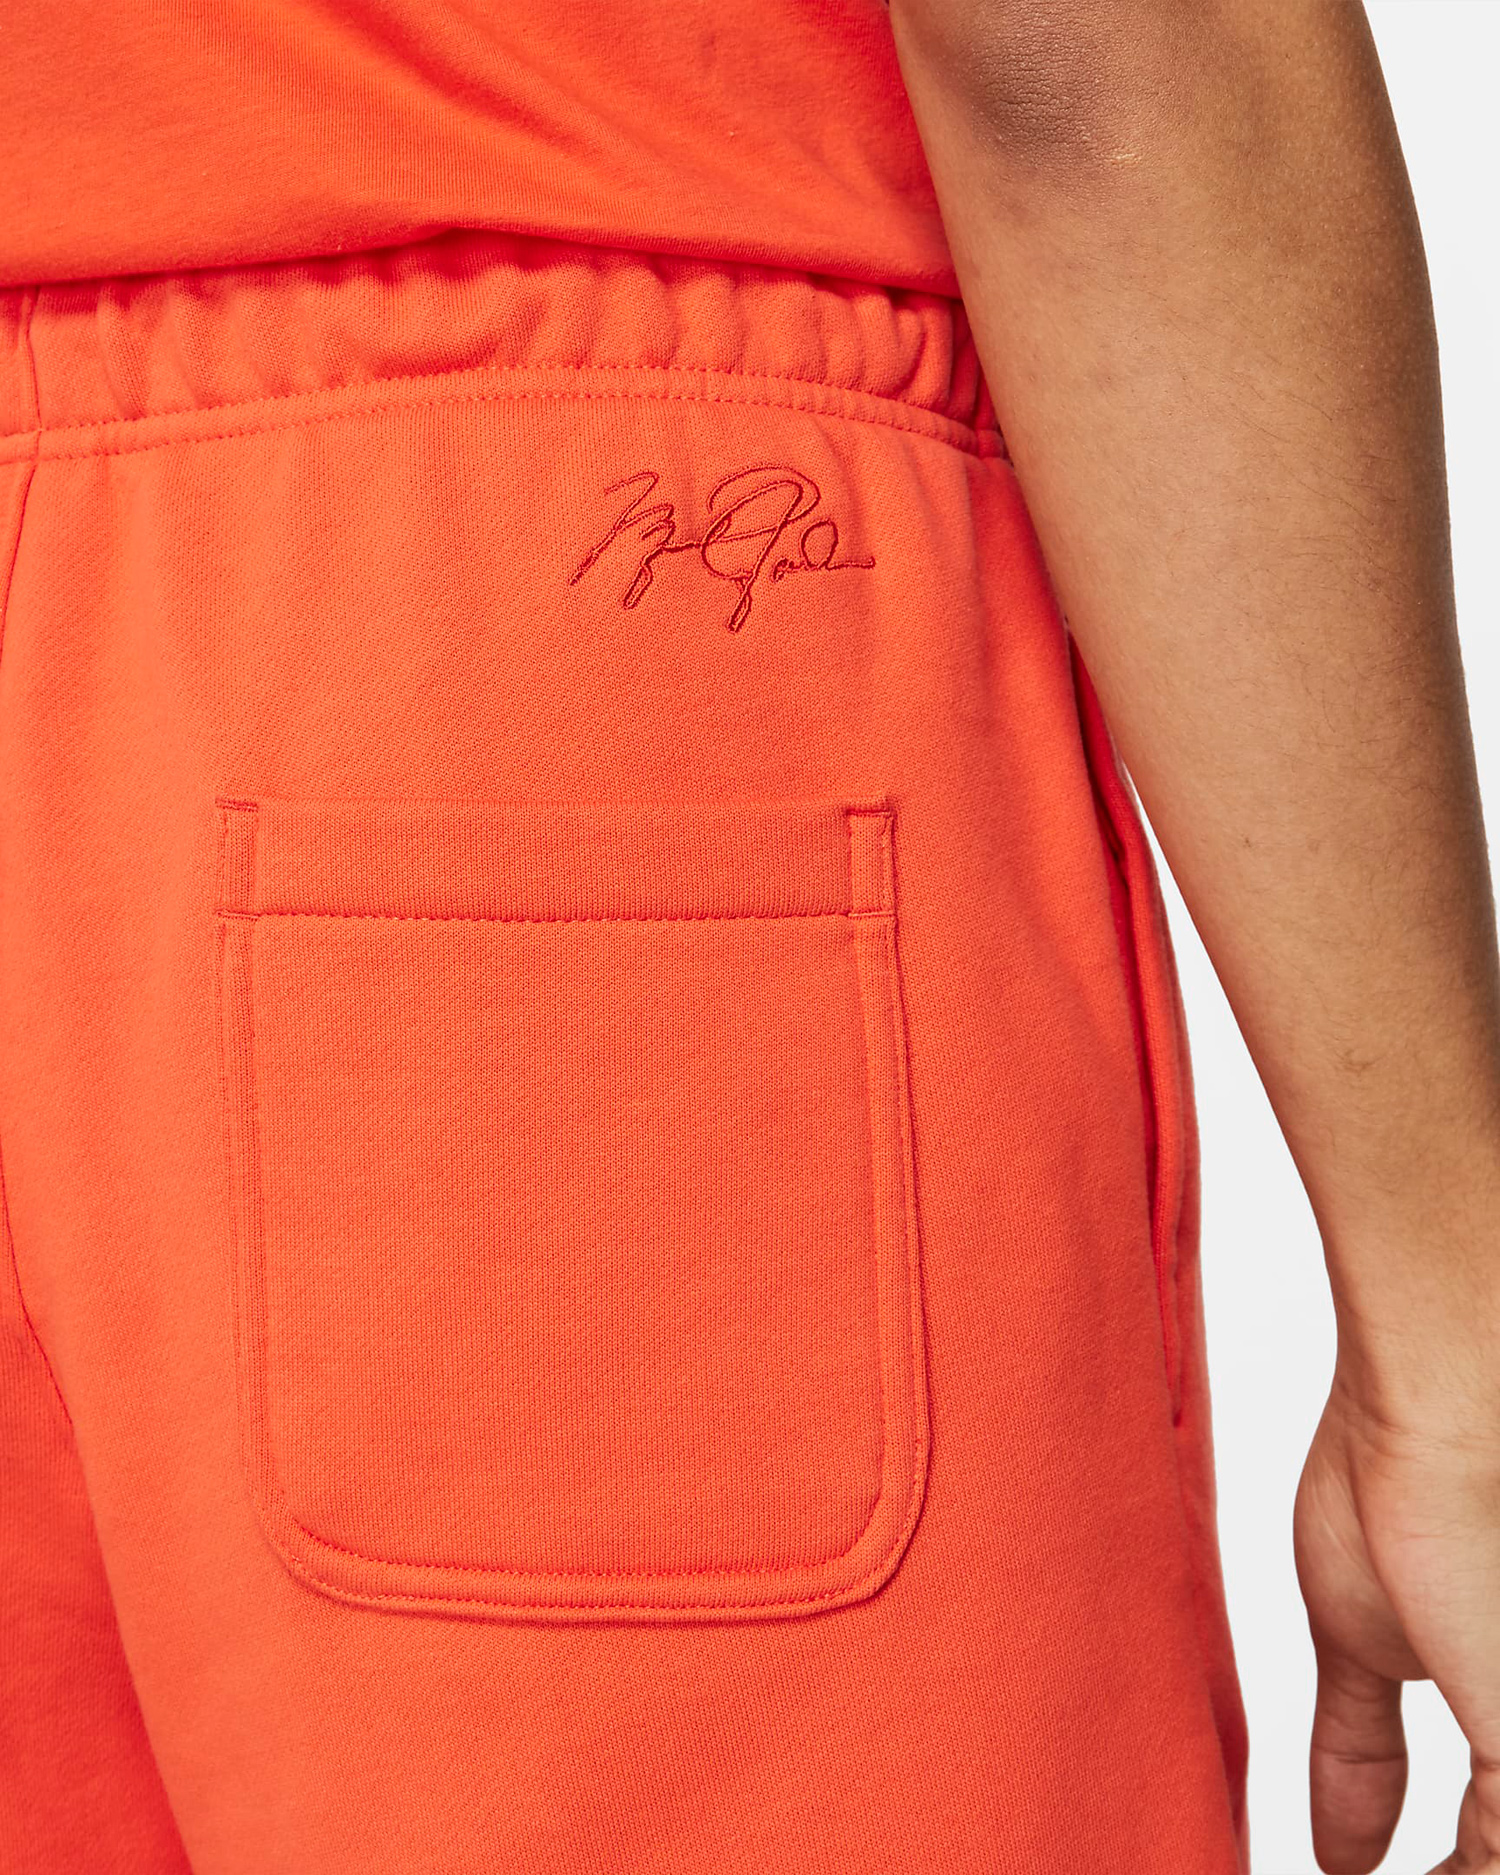 jordan-electro-orange-shorts-3